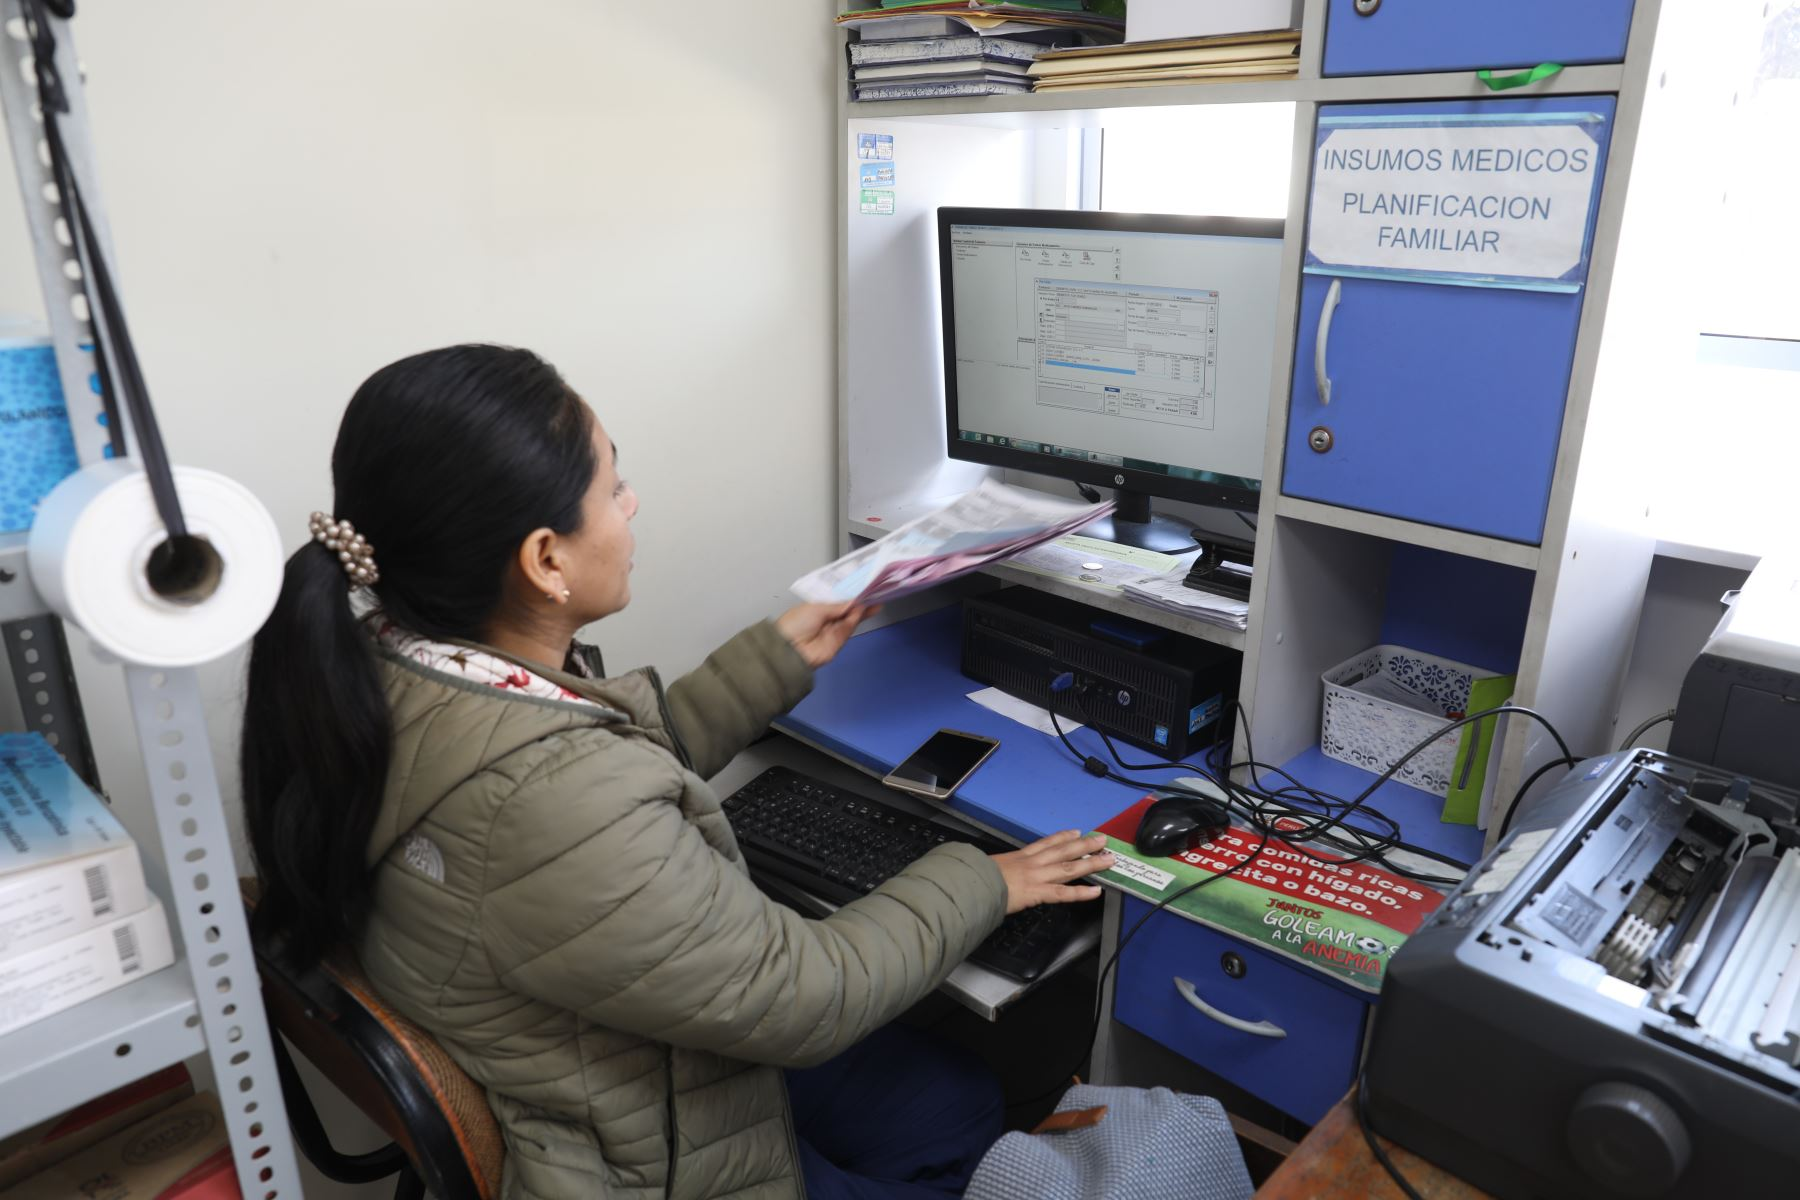 Ministra de Salud Zulema Tomás inauguró el Centro Materno Infantil (CMI) Santa Anita y anuncio la nueva infraestructura, equipamiento y amplió el servicio de 227 centros y puestos de salud en Lima Metropolitana con una inversión de casi 28 millones de soles.Foto.ANDINA/MINSA